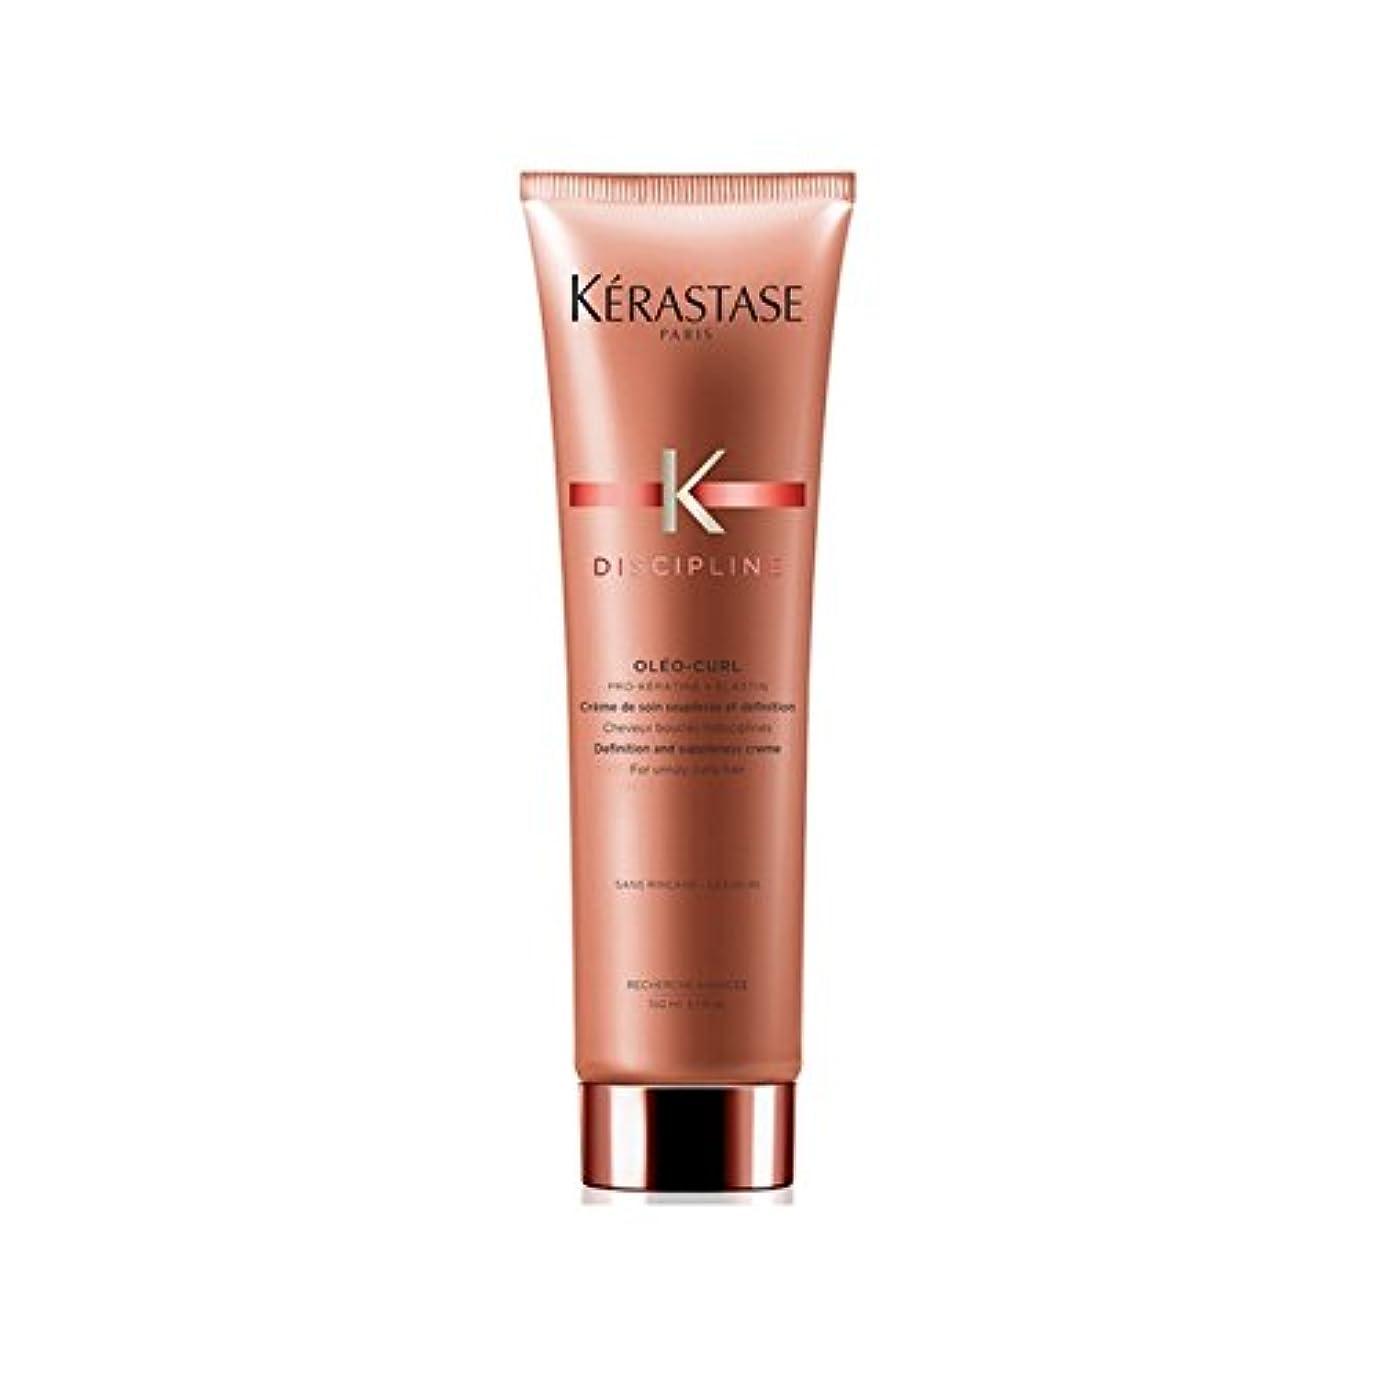 手段にぎやか重要K?rastase Discipline Curl Ideal Cleansing Conditioner 400ml (Pack of 6) - 理想的なクレンジングコンディショナー400ミリリットルカールケラスターゼの規律 x6 [並行輸入品]